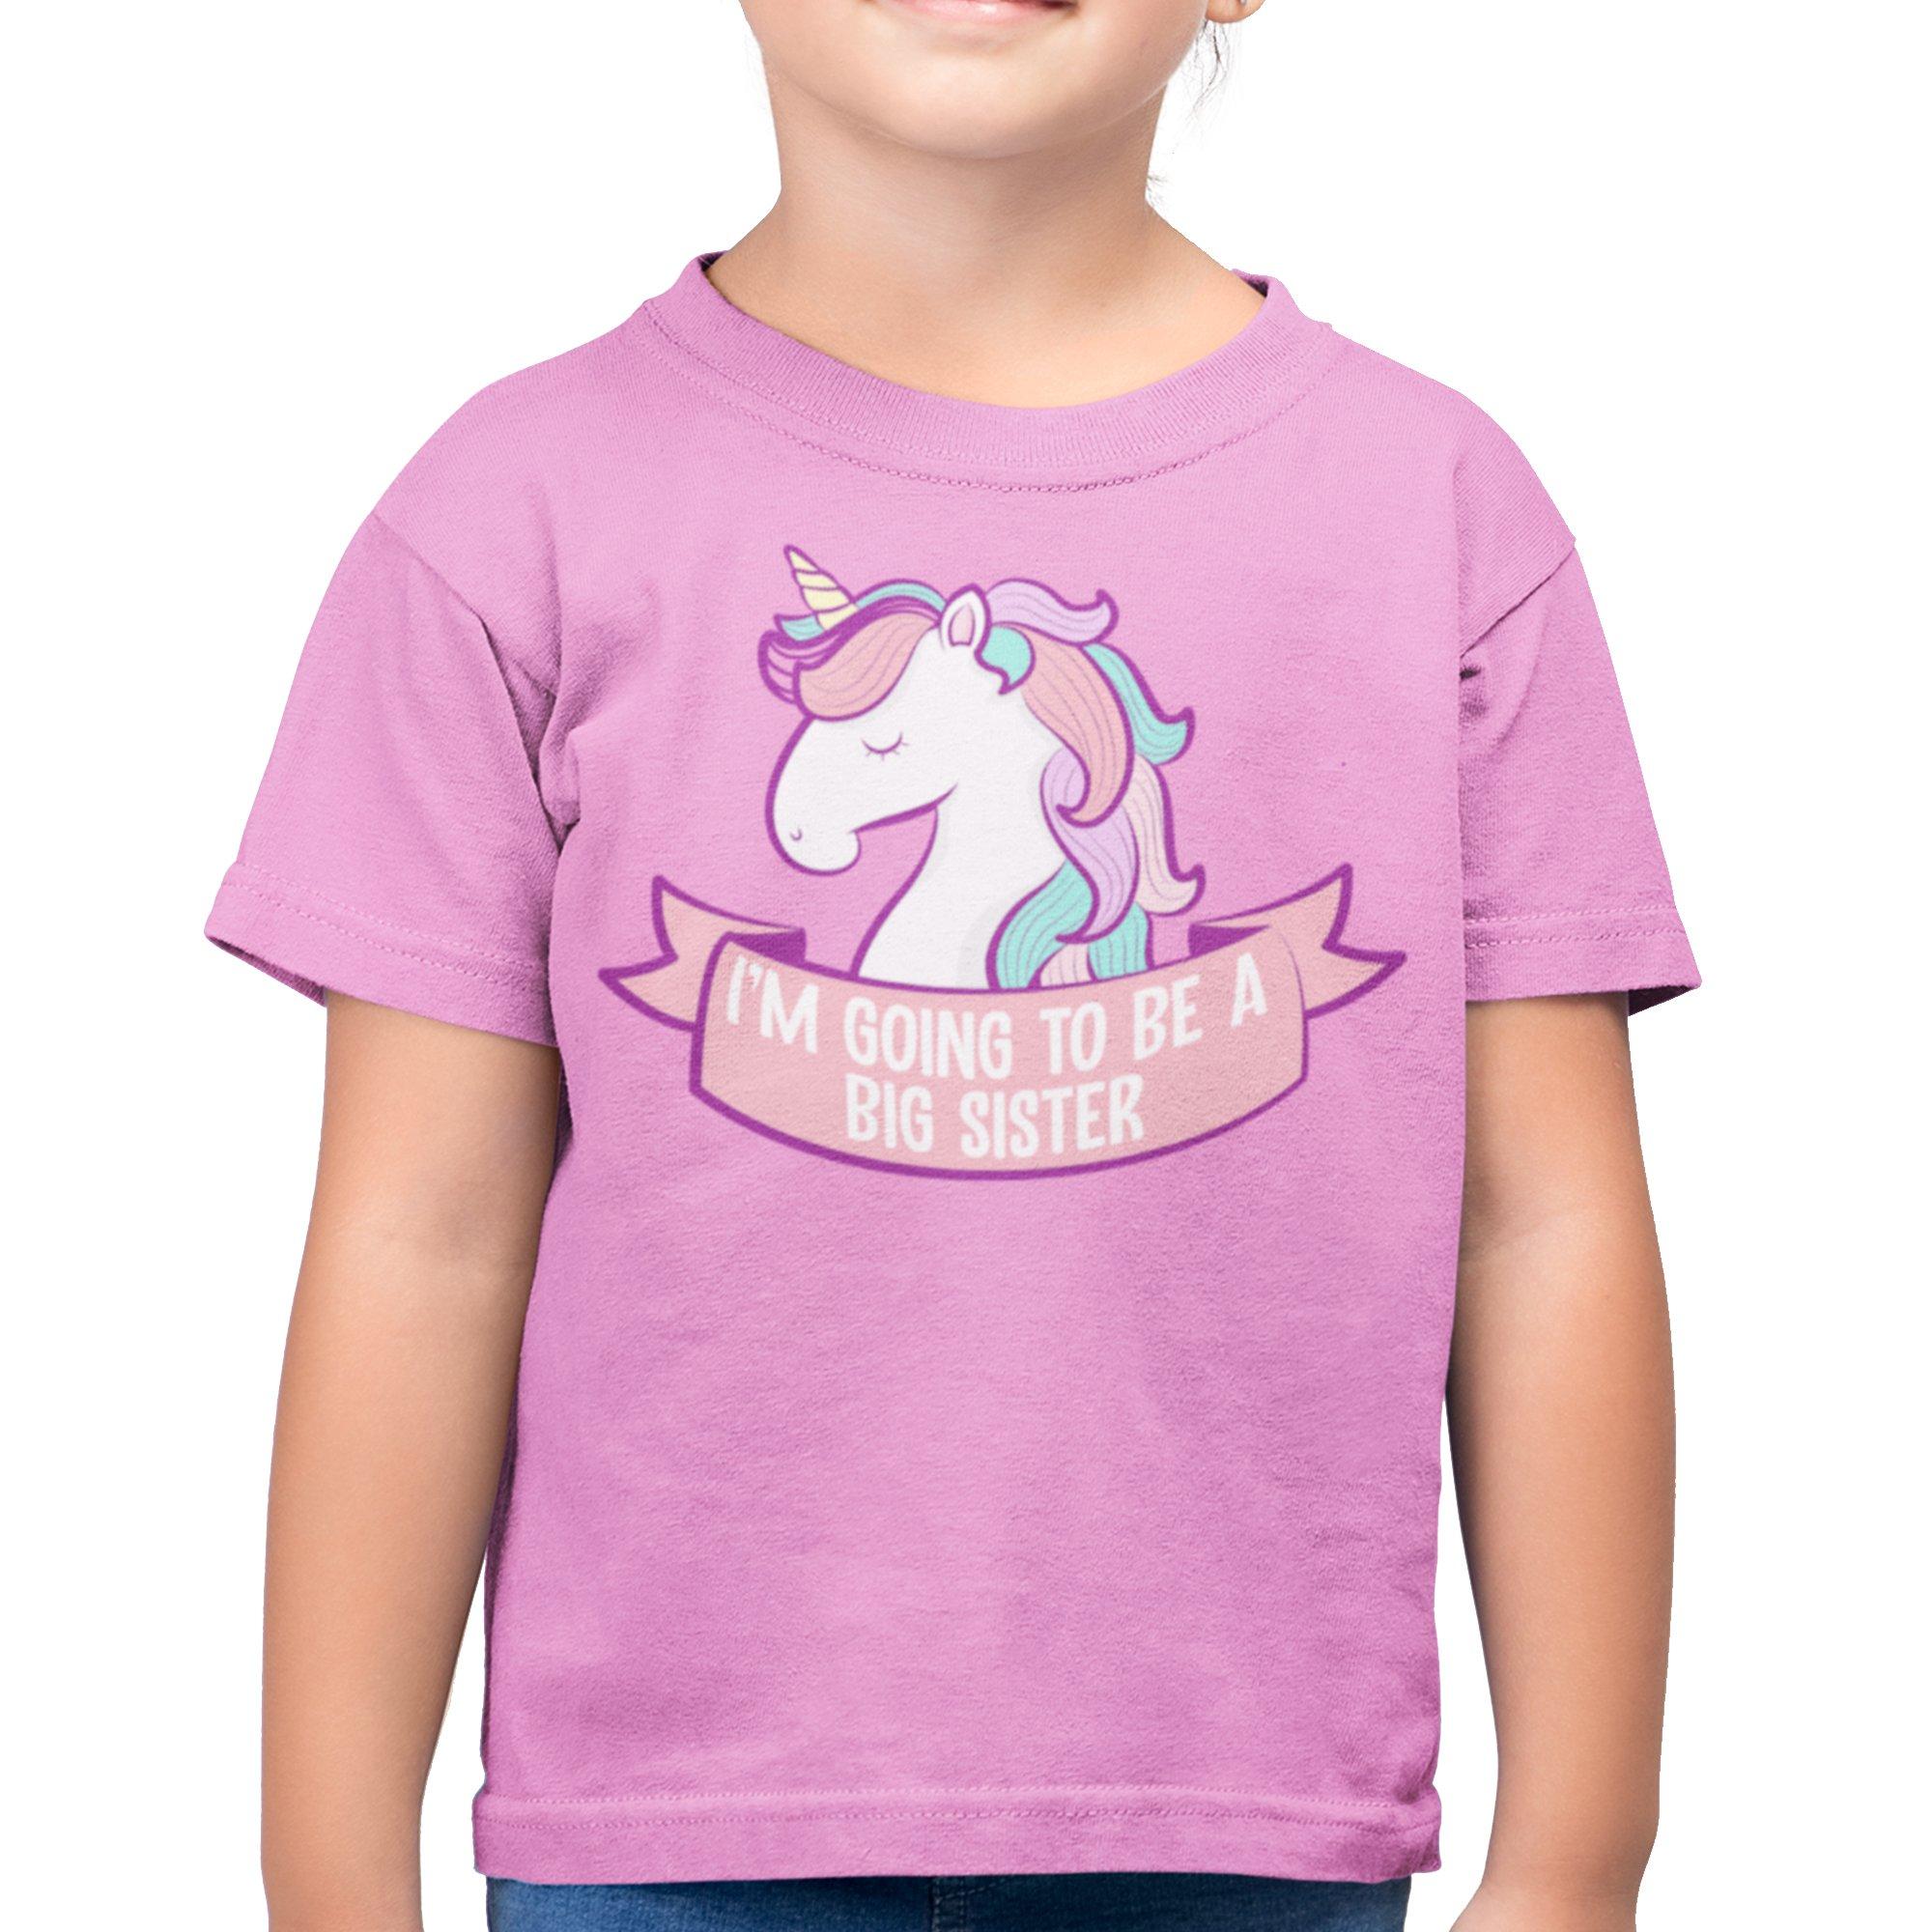 t-shirt chicas soy gran hermana Los niños T-Shirt con motivo GGS 2016 04